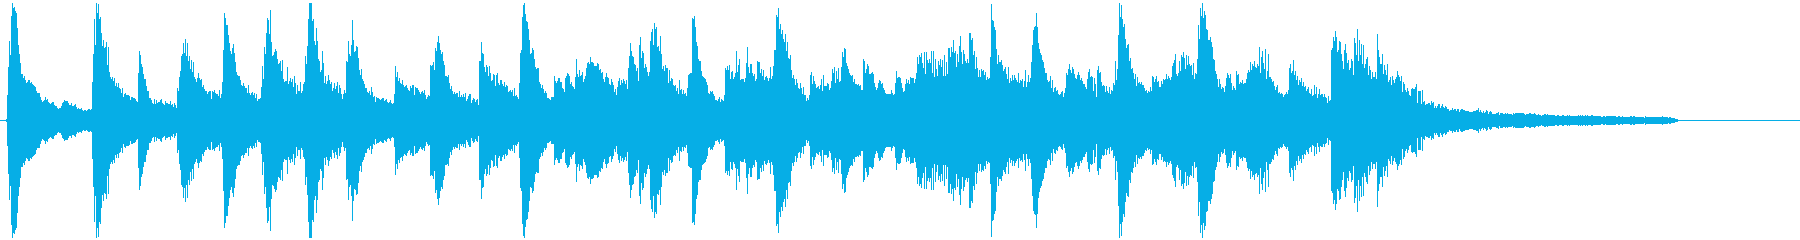 安らぎ、安心、静かなピアノ40秒。CMにの再生済みの波形